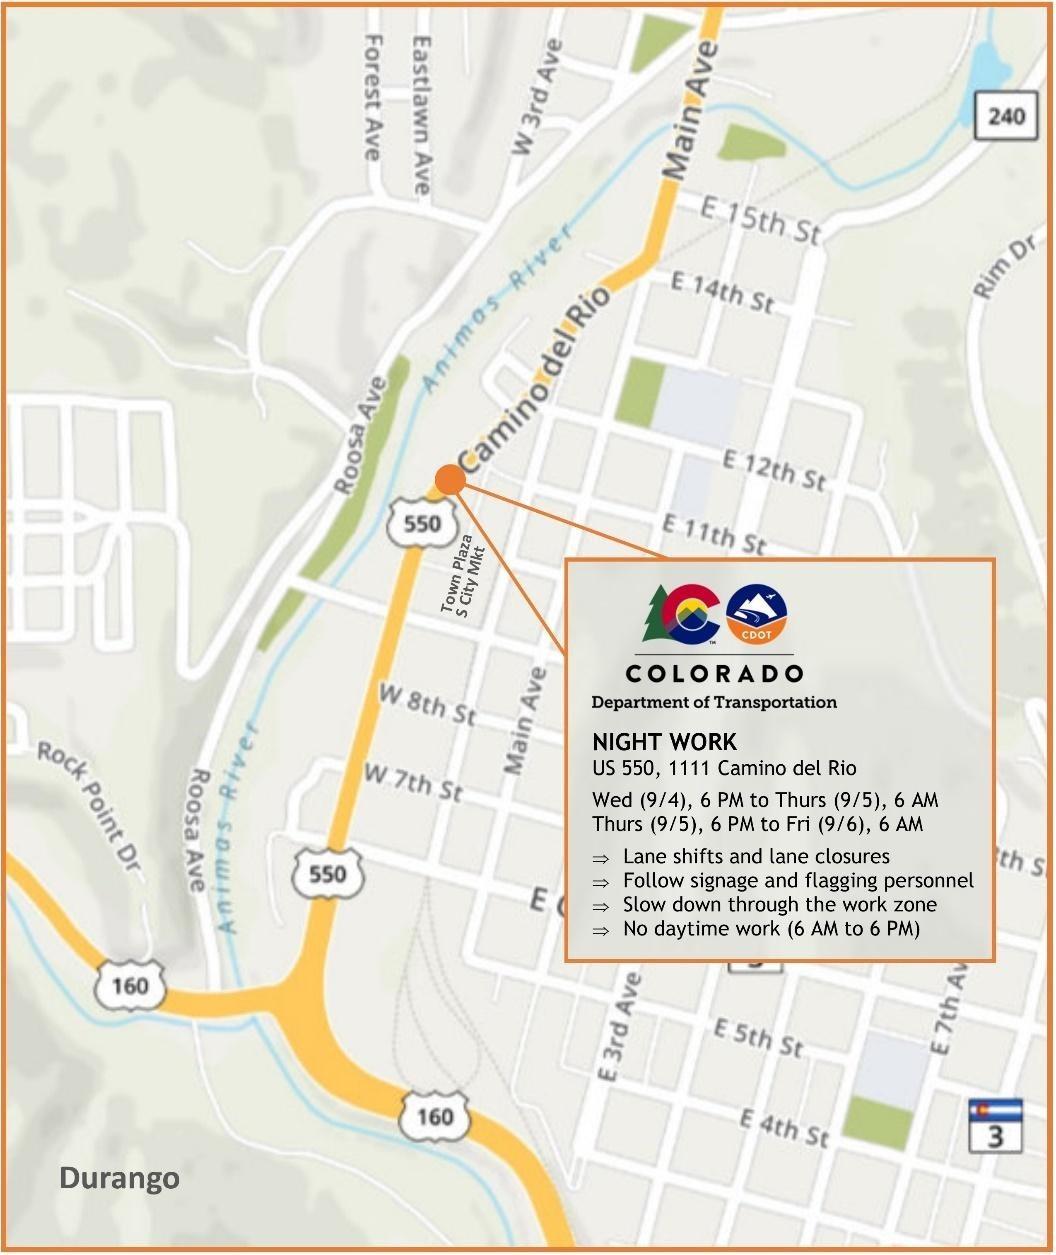 Camino del Rio 8-30-19.jpg detail image